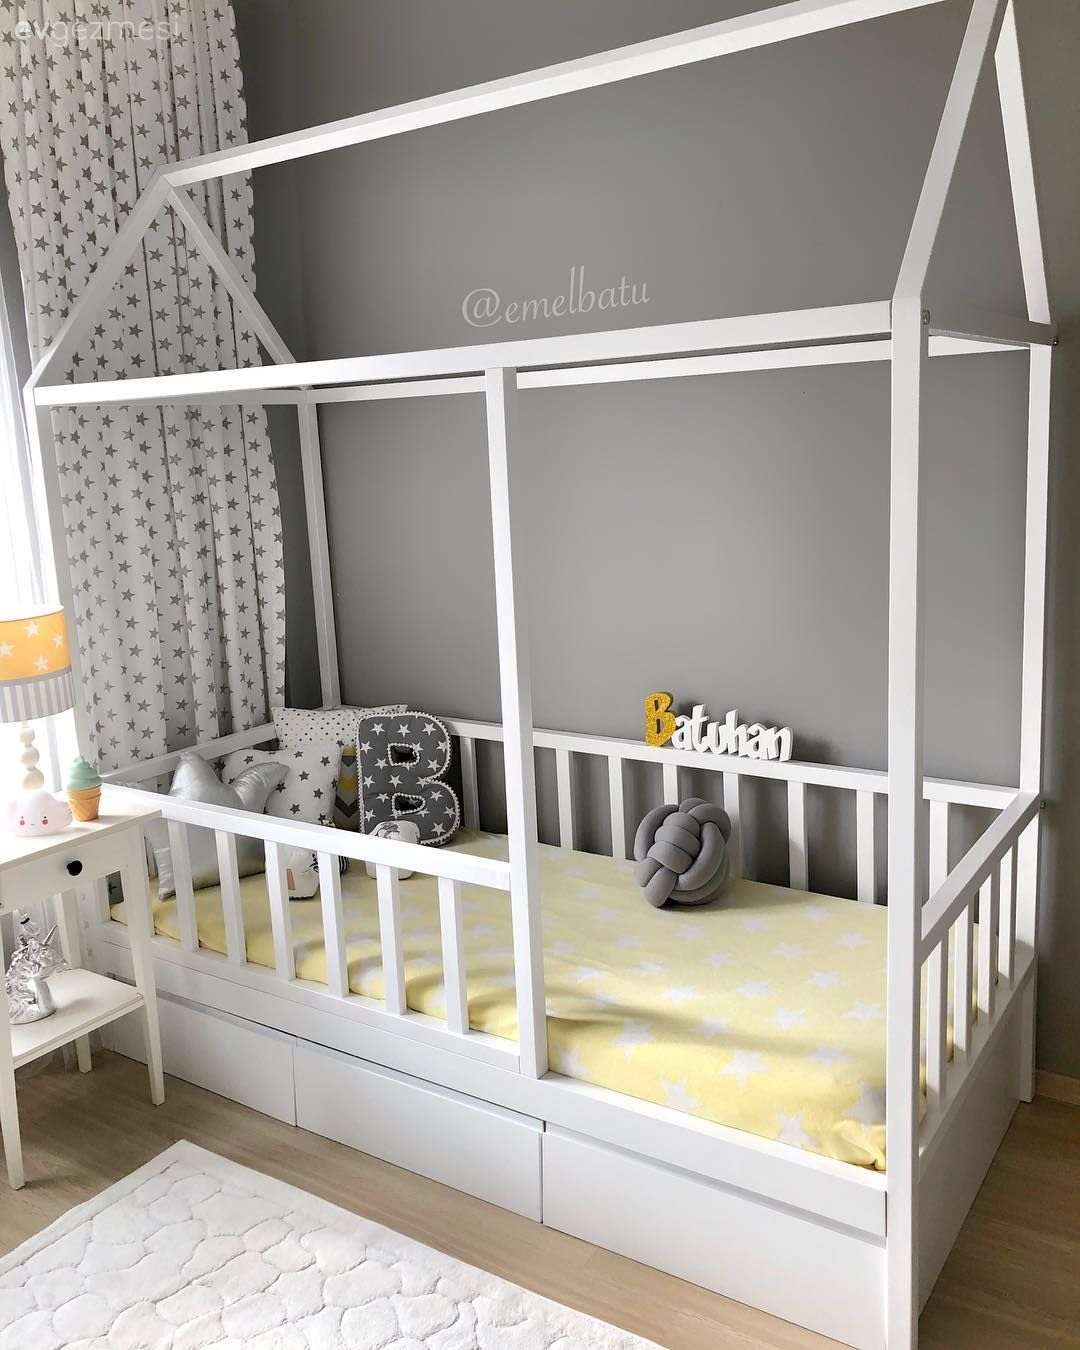 Surekli Degisim Icinde Olan Bu Evdeki Detayciliga Inanmak Cok Guc Bebek Odasi Mobilya Cocuk Odasi Oturma Odasi Tasarimlari